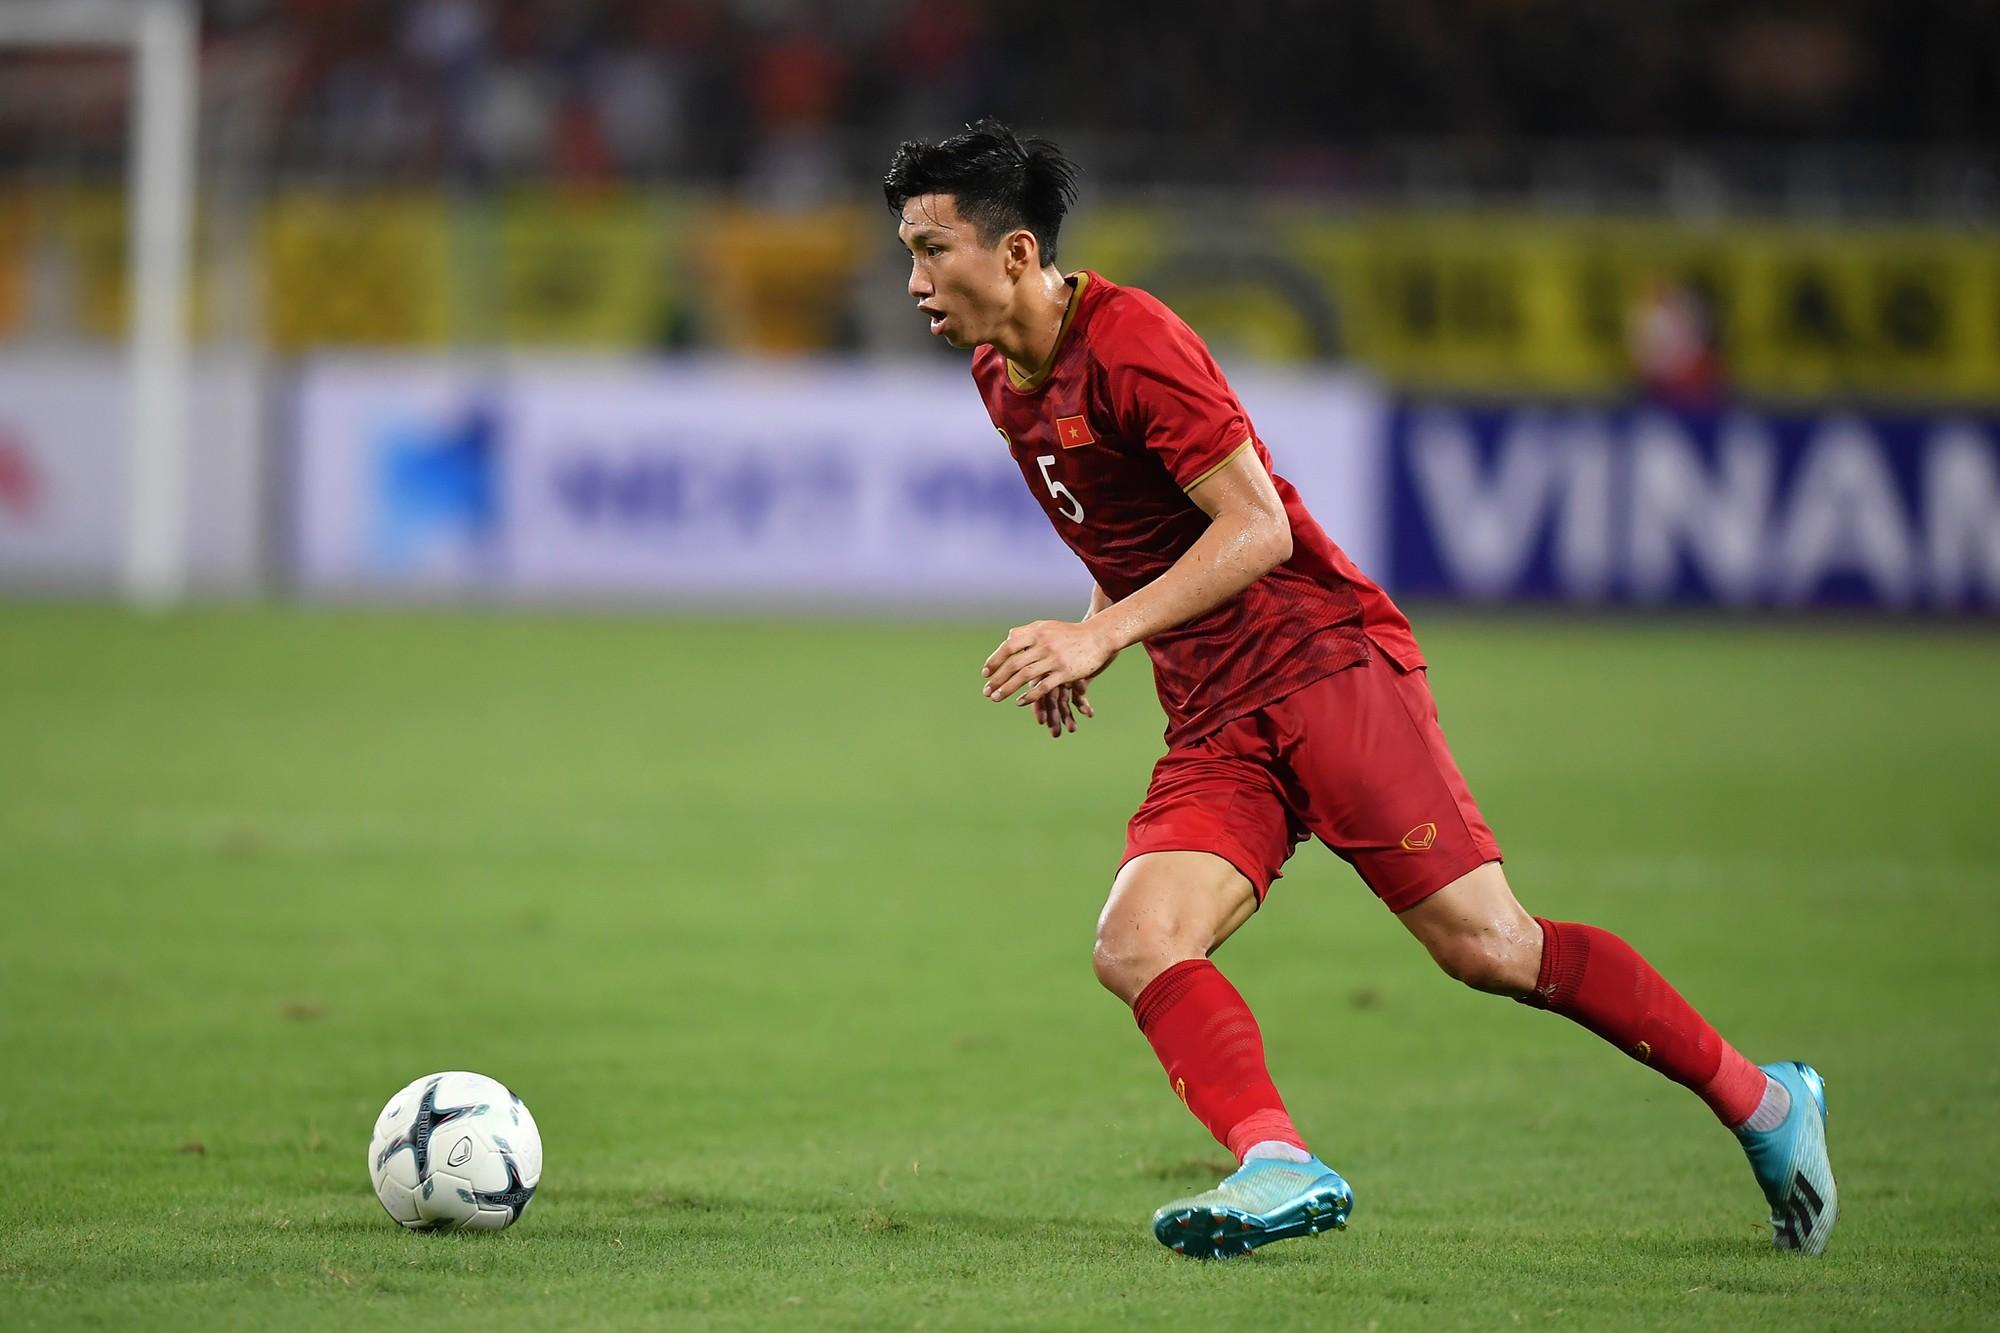 Chiến thắng Indonesia: Khi nền tảng thể lực trở thành vũ khí mạnh mẽ của Đội tuyển Quốc gia Việt Nam - Ảnh 2.